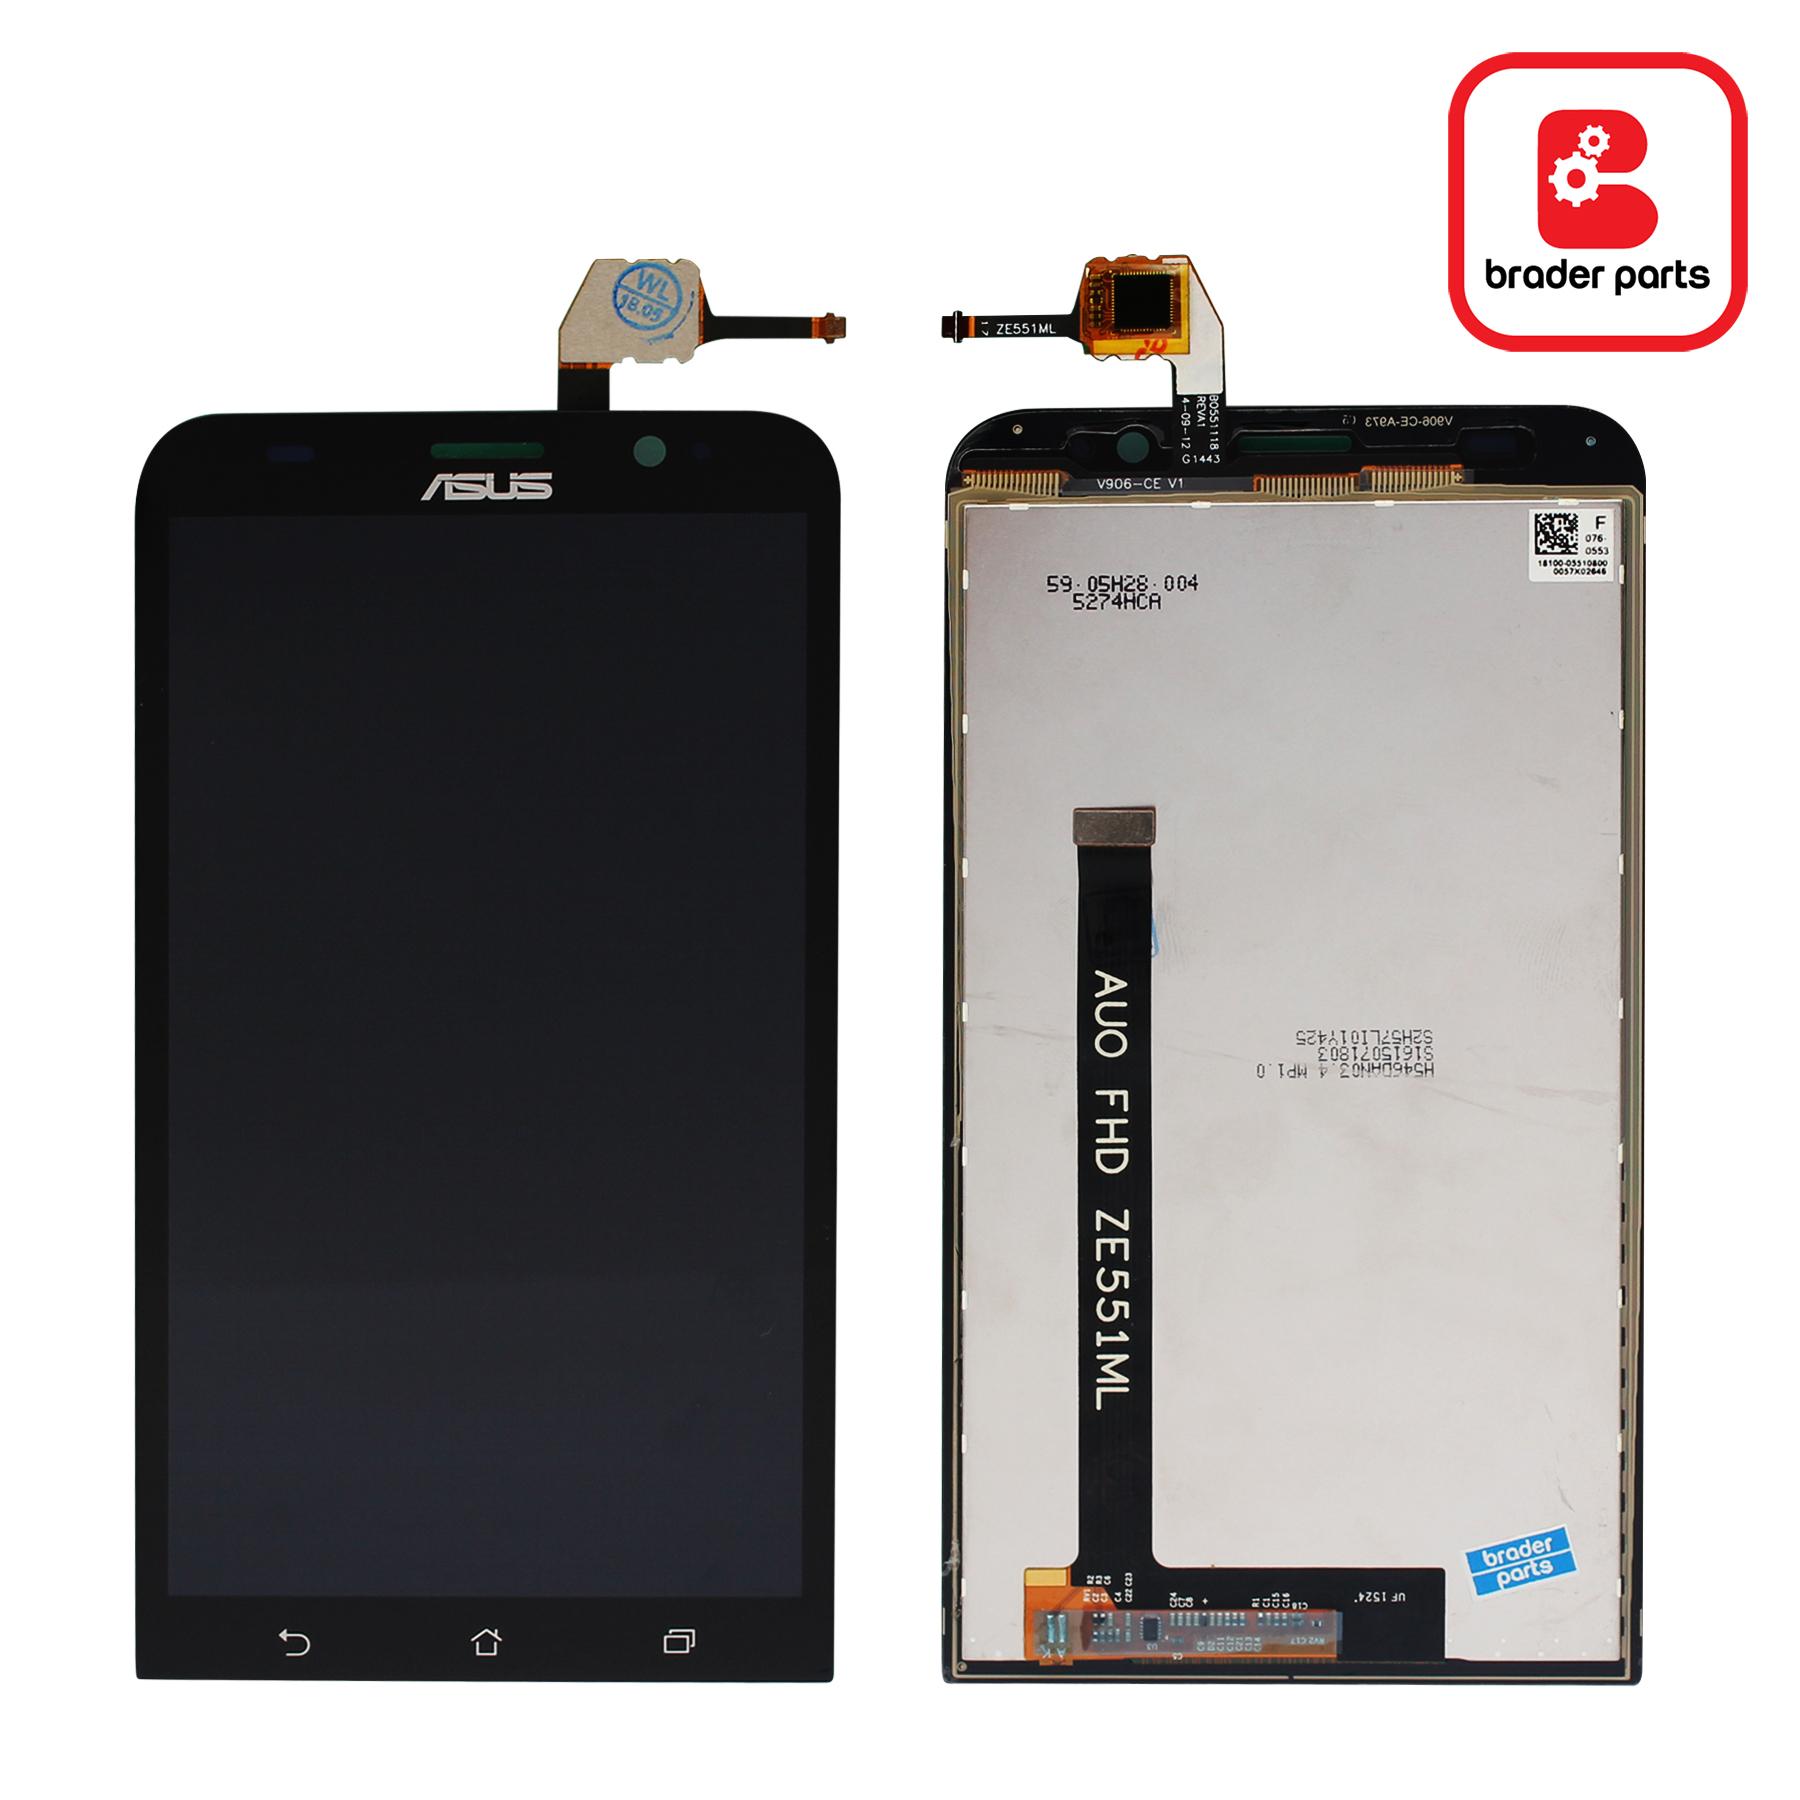 LCD TOUCHSCREEN ASUS ZENFONE 2 ZE551ML Z00AD